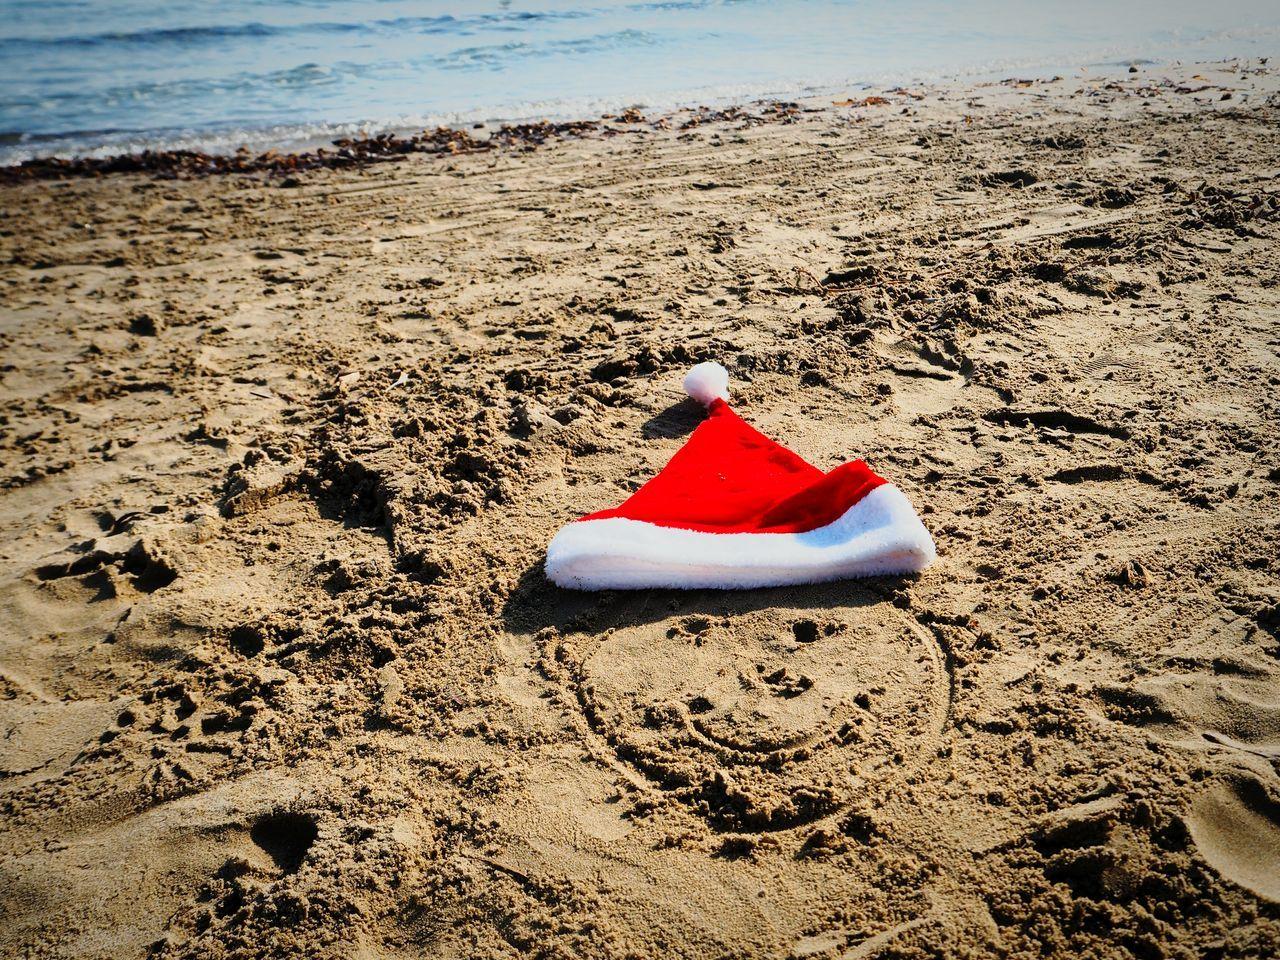 Christmas Around The World Christmastime Weihnachten Strand Santa Beach Weihnachtsmütze Sunshine